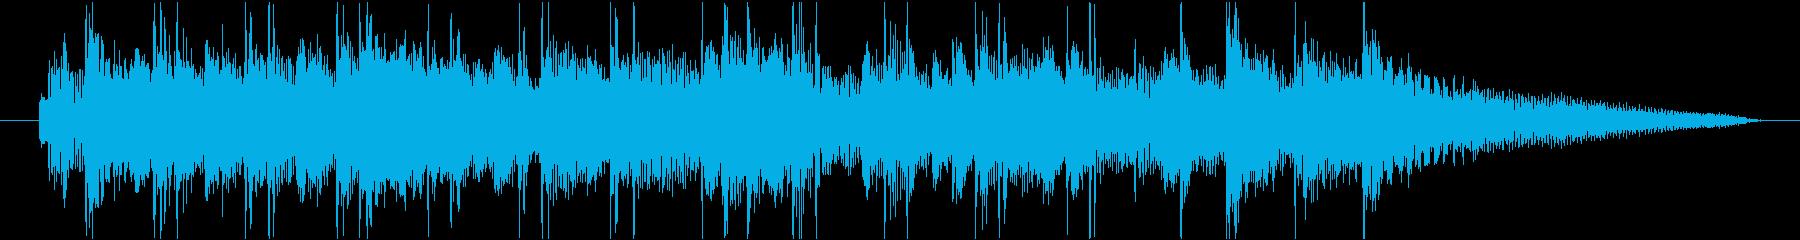 シンプルでおしゃれなボサノヴァ ジングルの再生済みの波形